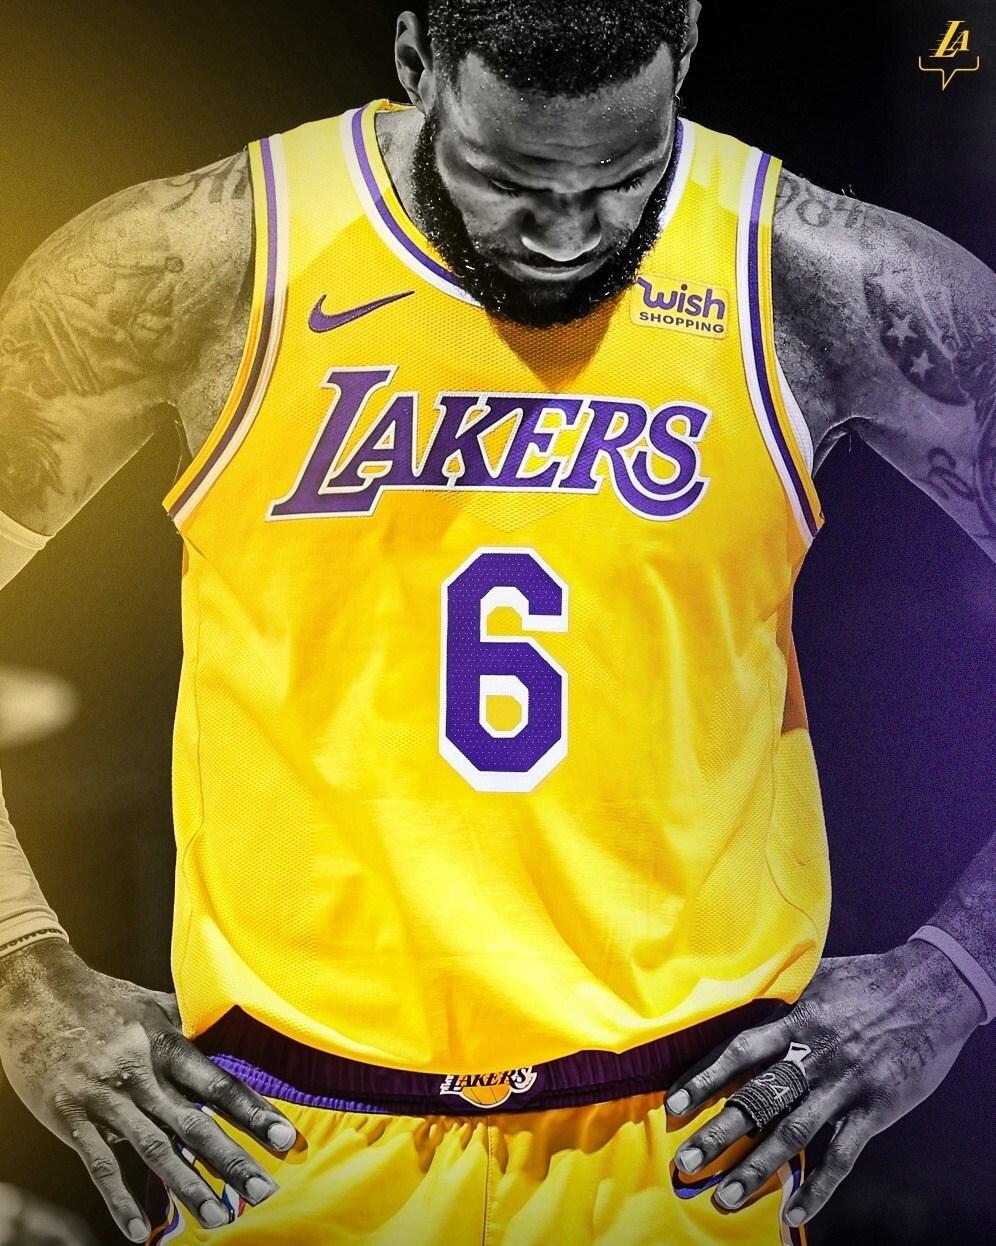 پادشاه بسکتبال با شماره جدید به NBA باز میگردد / عکس